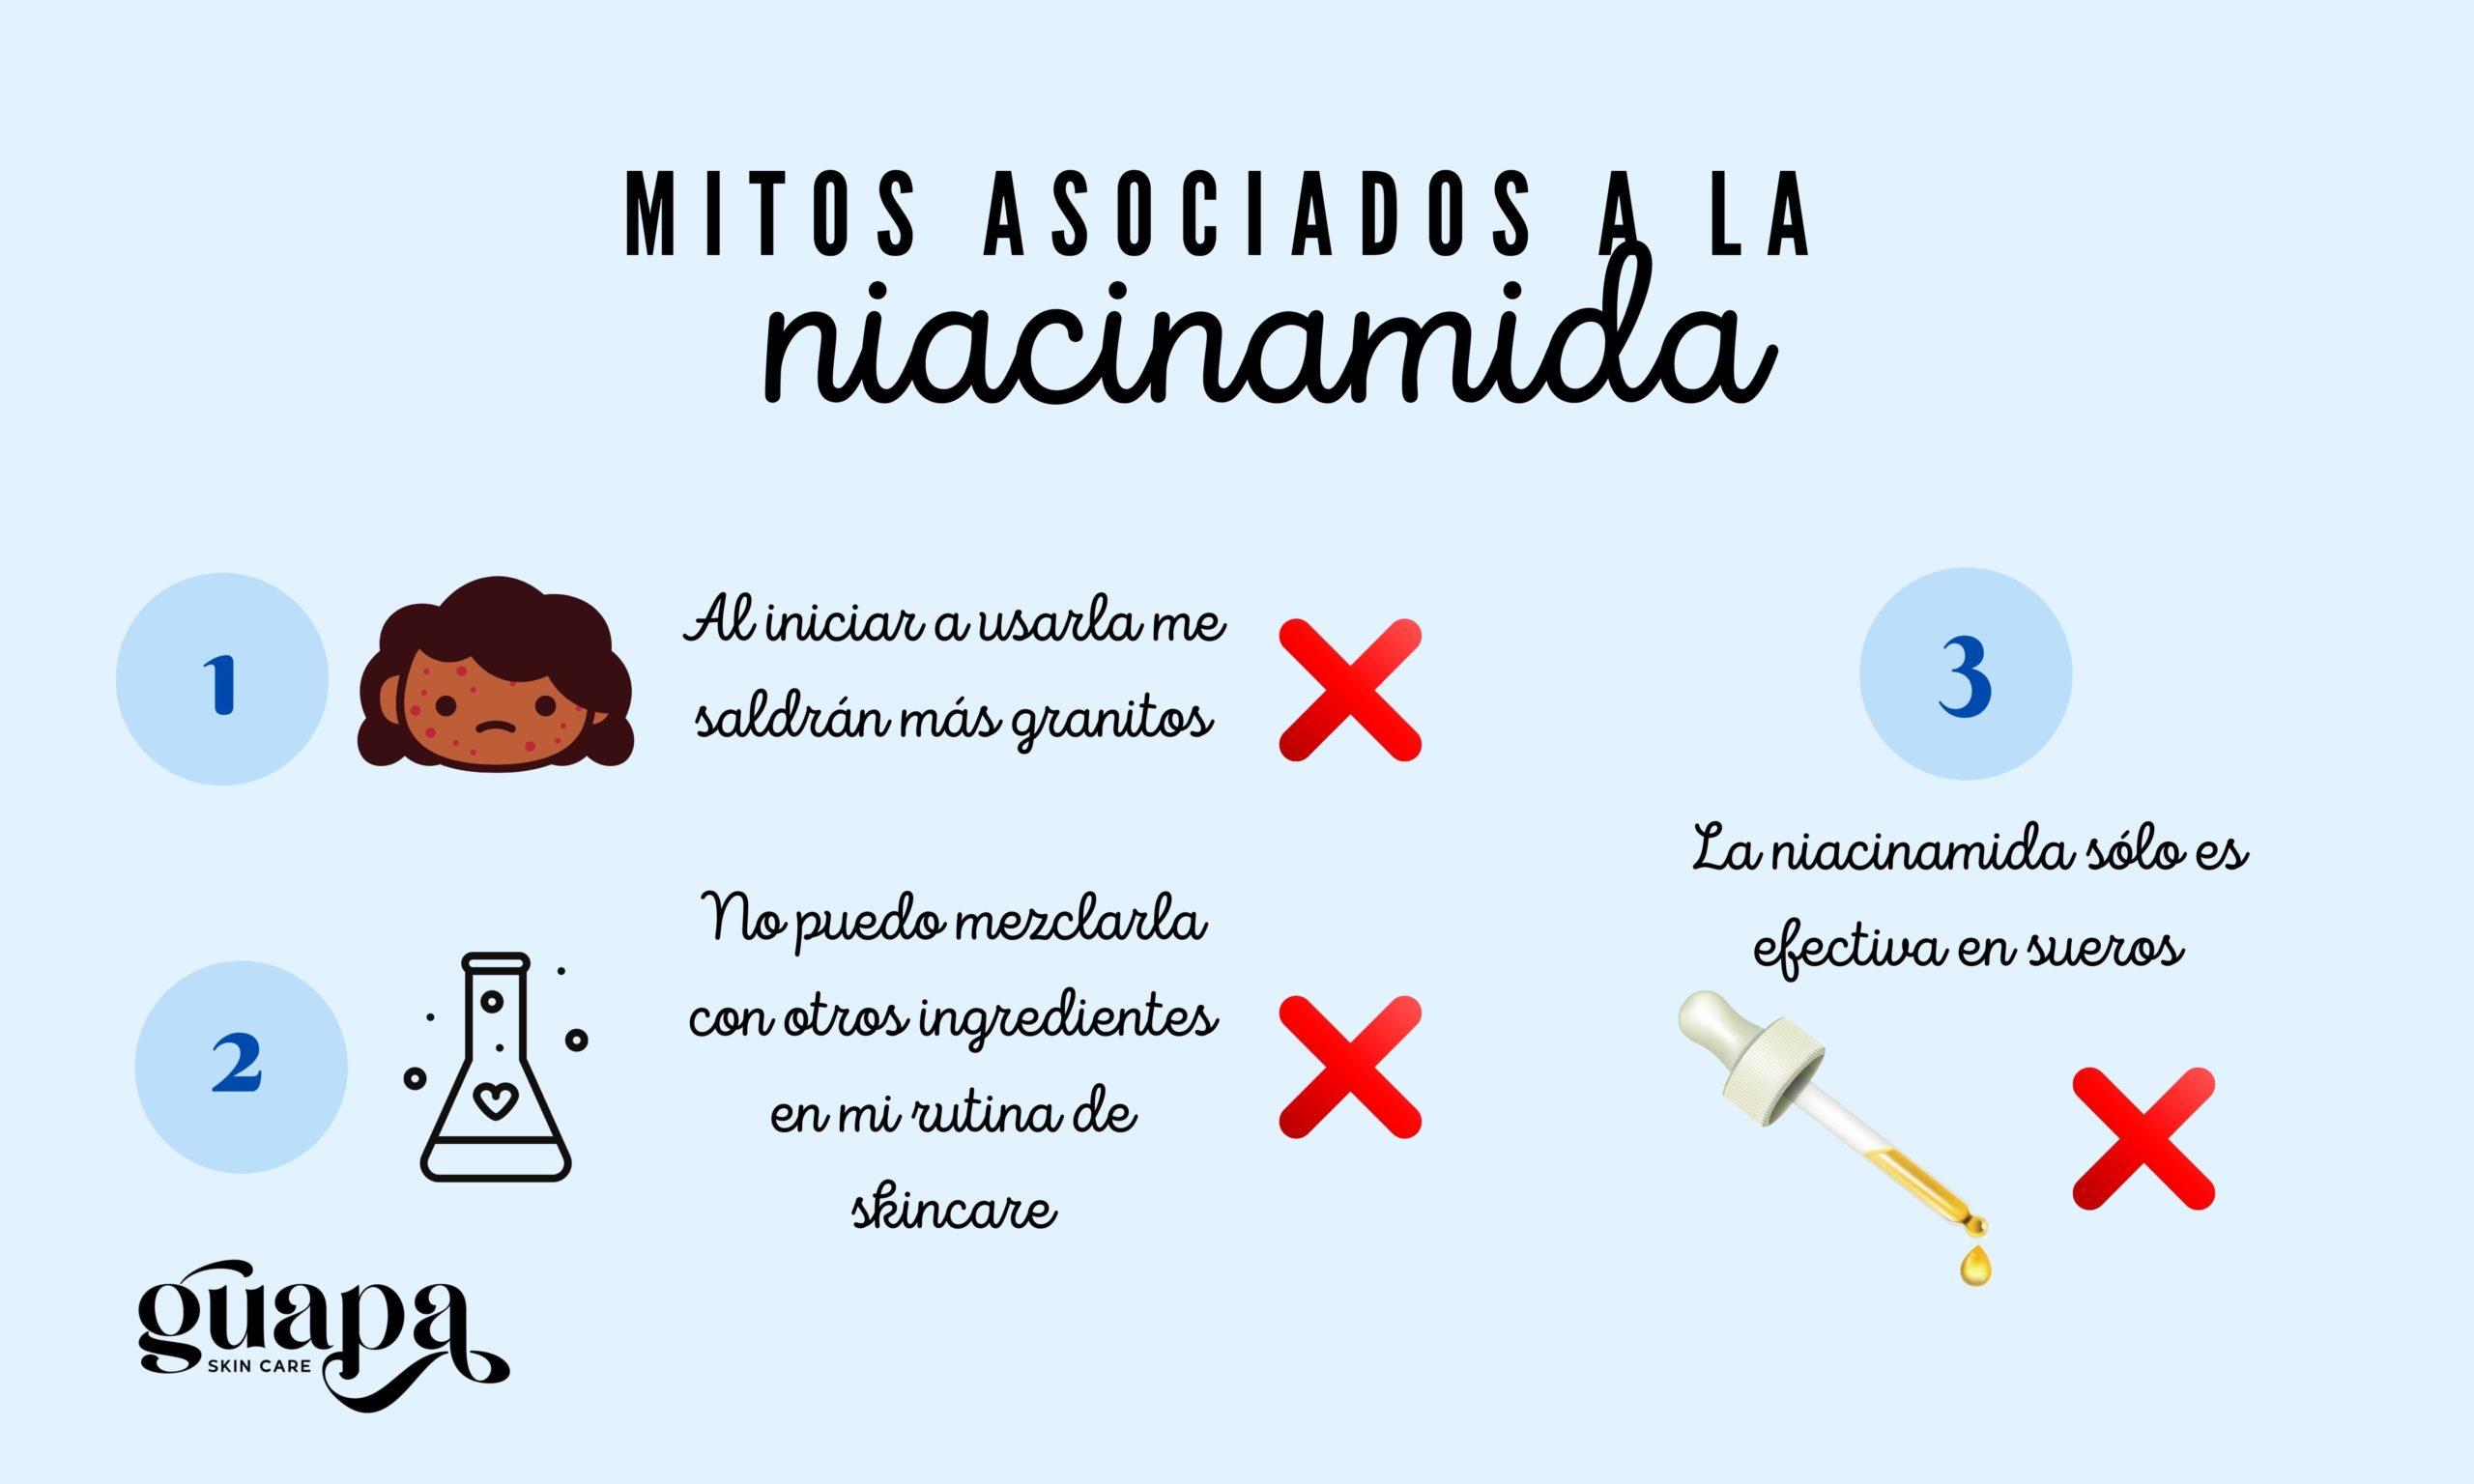 Mitos Asociados a la niacinamida